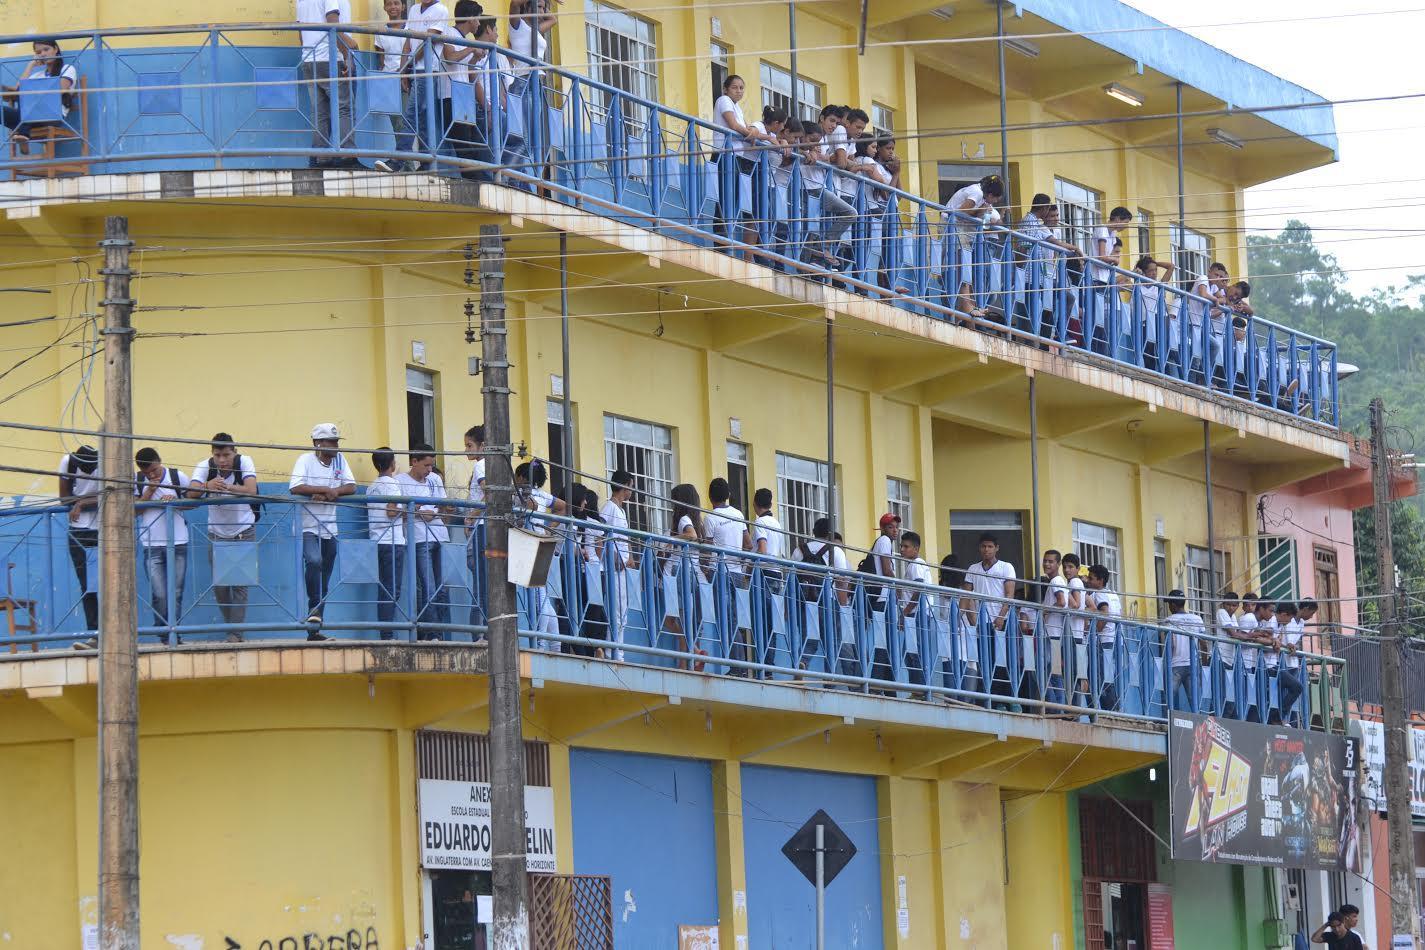 Faltam professores no Pará